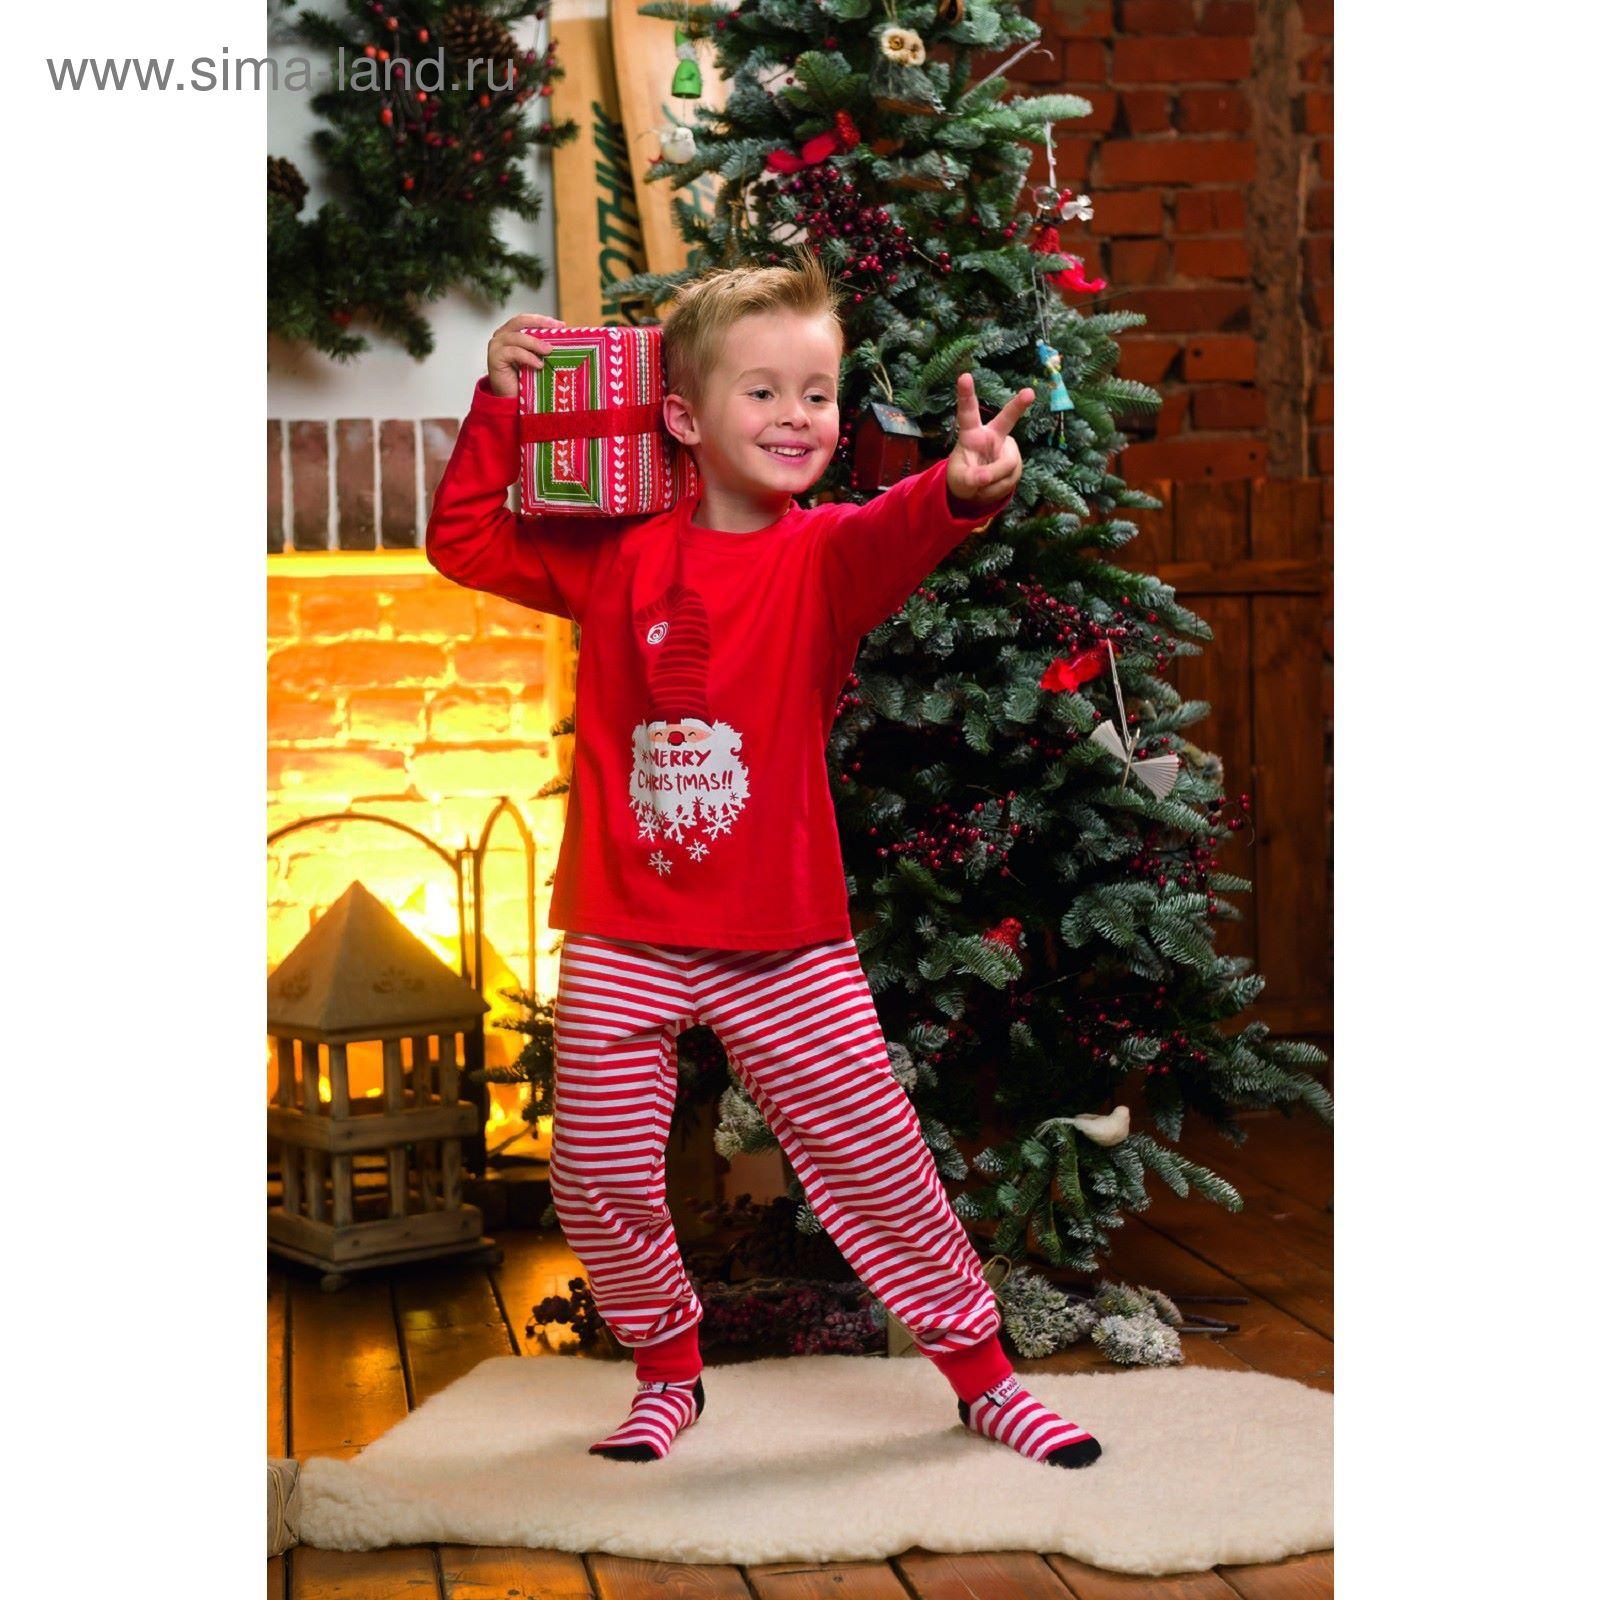 eabff4d93c6ca Пижама для мальчика, рост 98 см, цвет красный (NFAJP377/1) - Купить ...